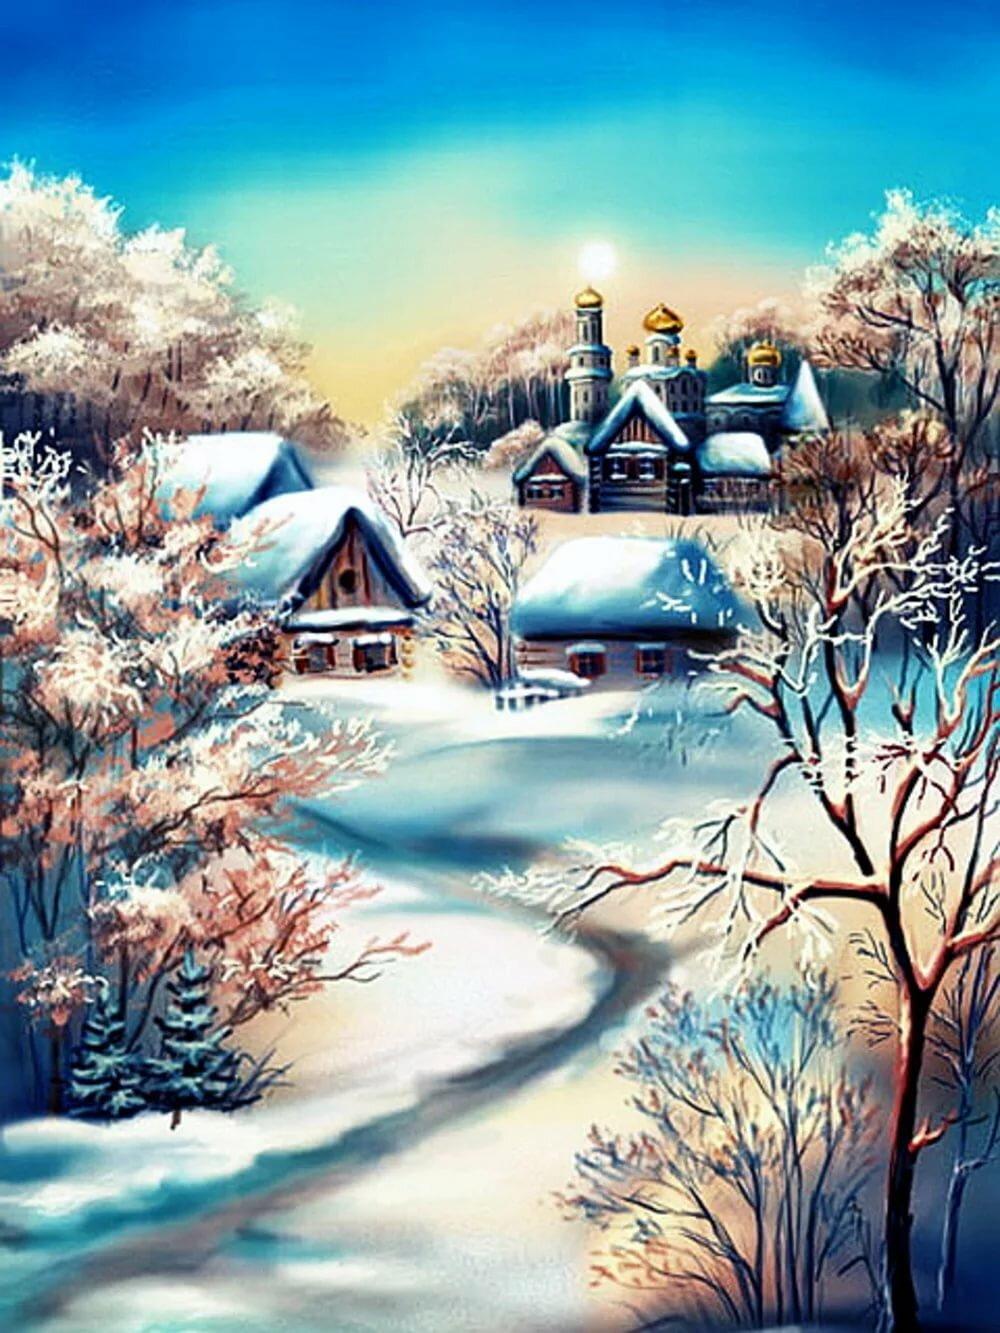 православному зимний пейзаж картинки книжный формат успела побывать только